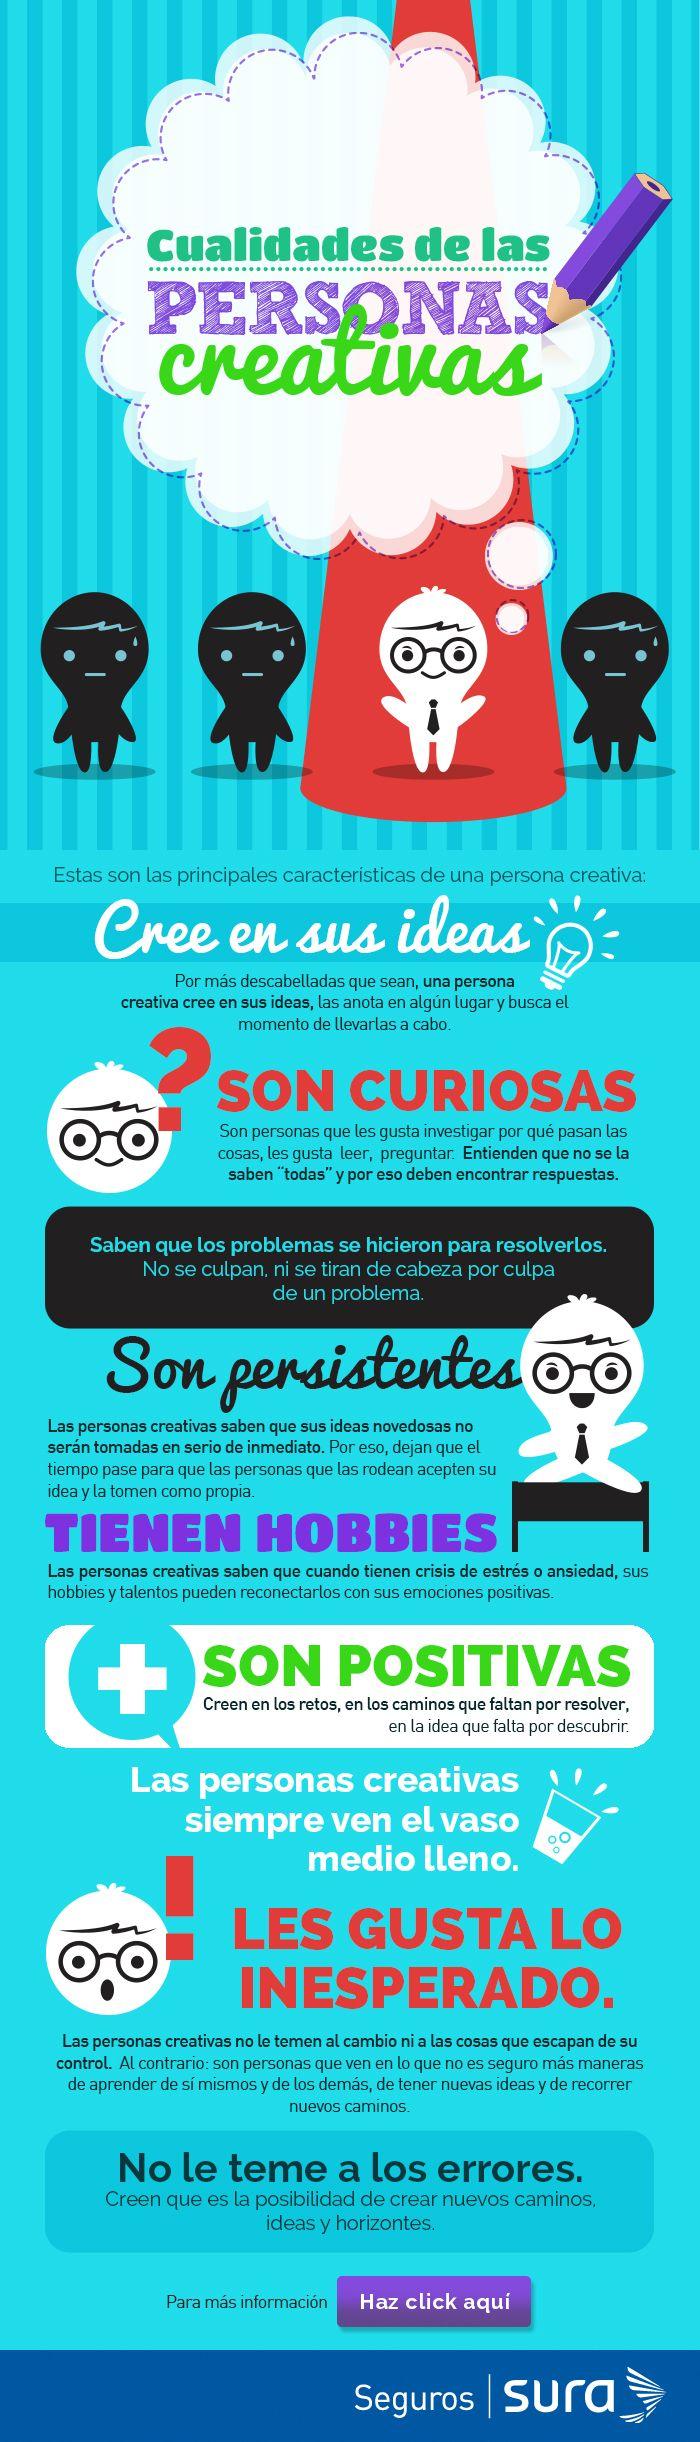 Las personas creativas son positivas. ¡Cree en tus ideas!